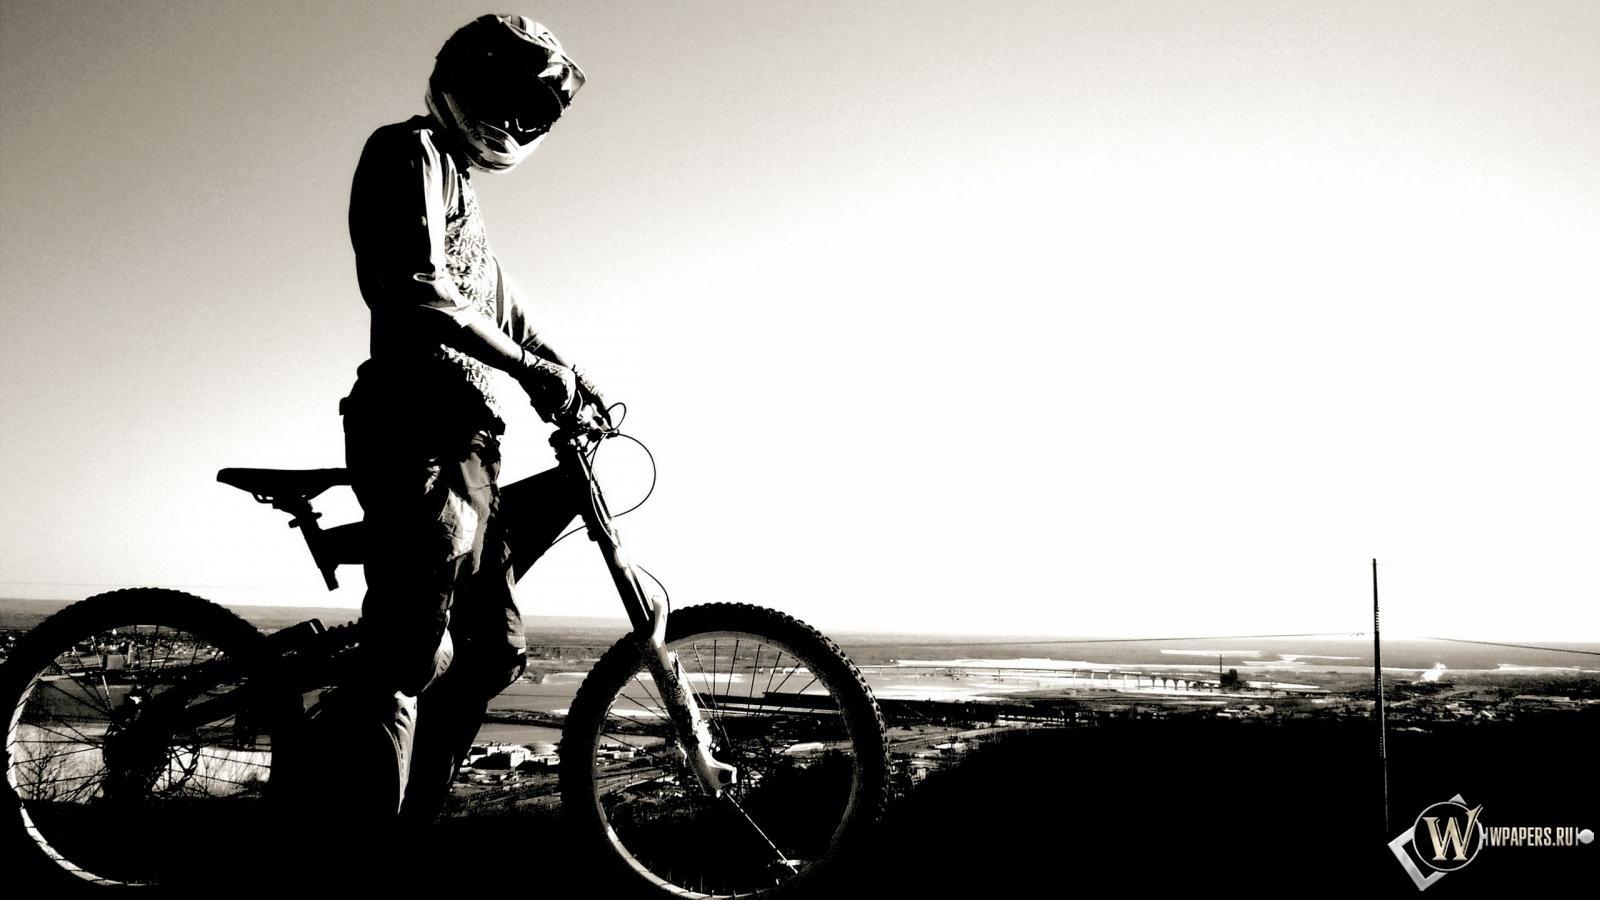 Велосипедист 1600x900